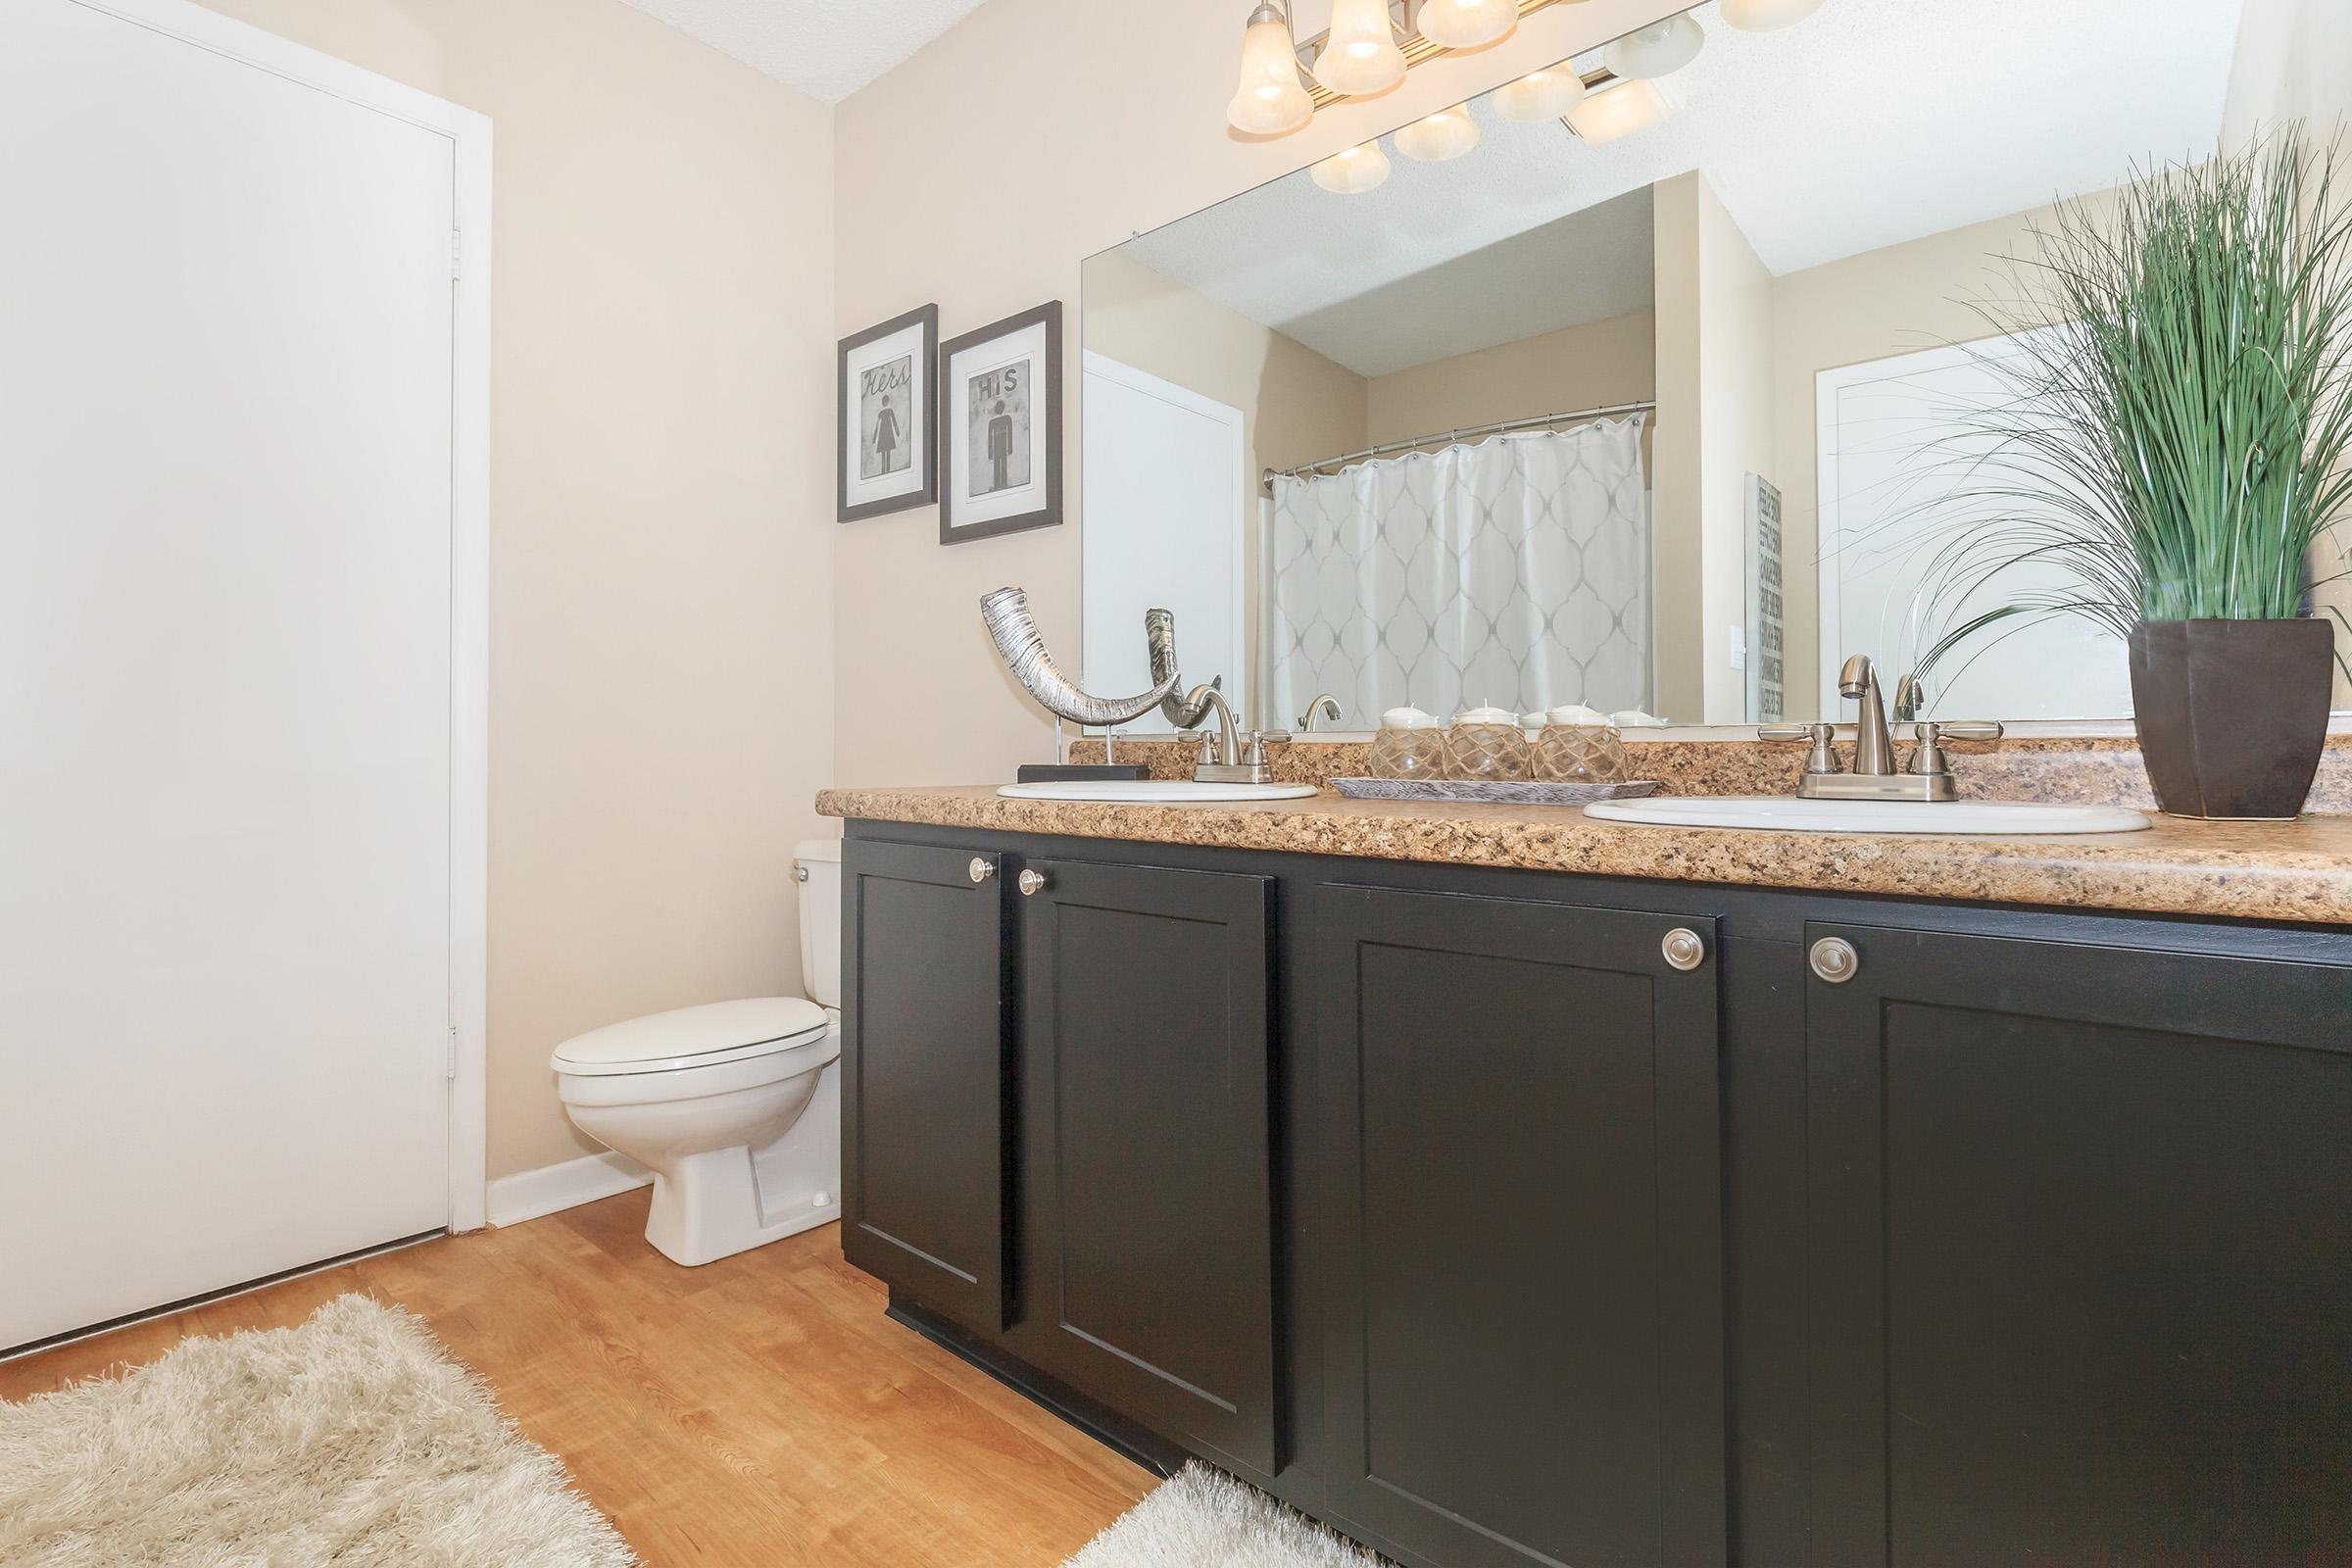 Waterford Village in Knoxville hosts dual sink vanities